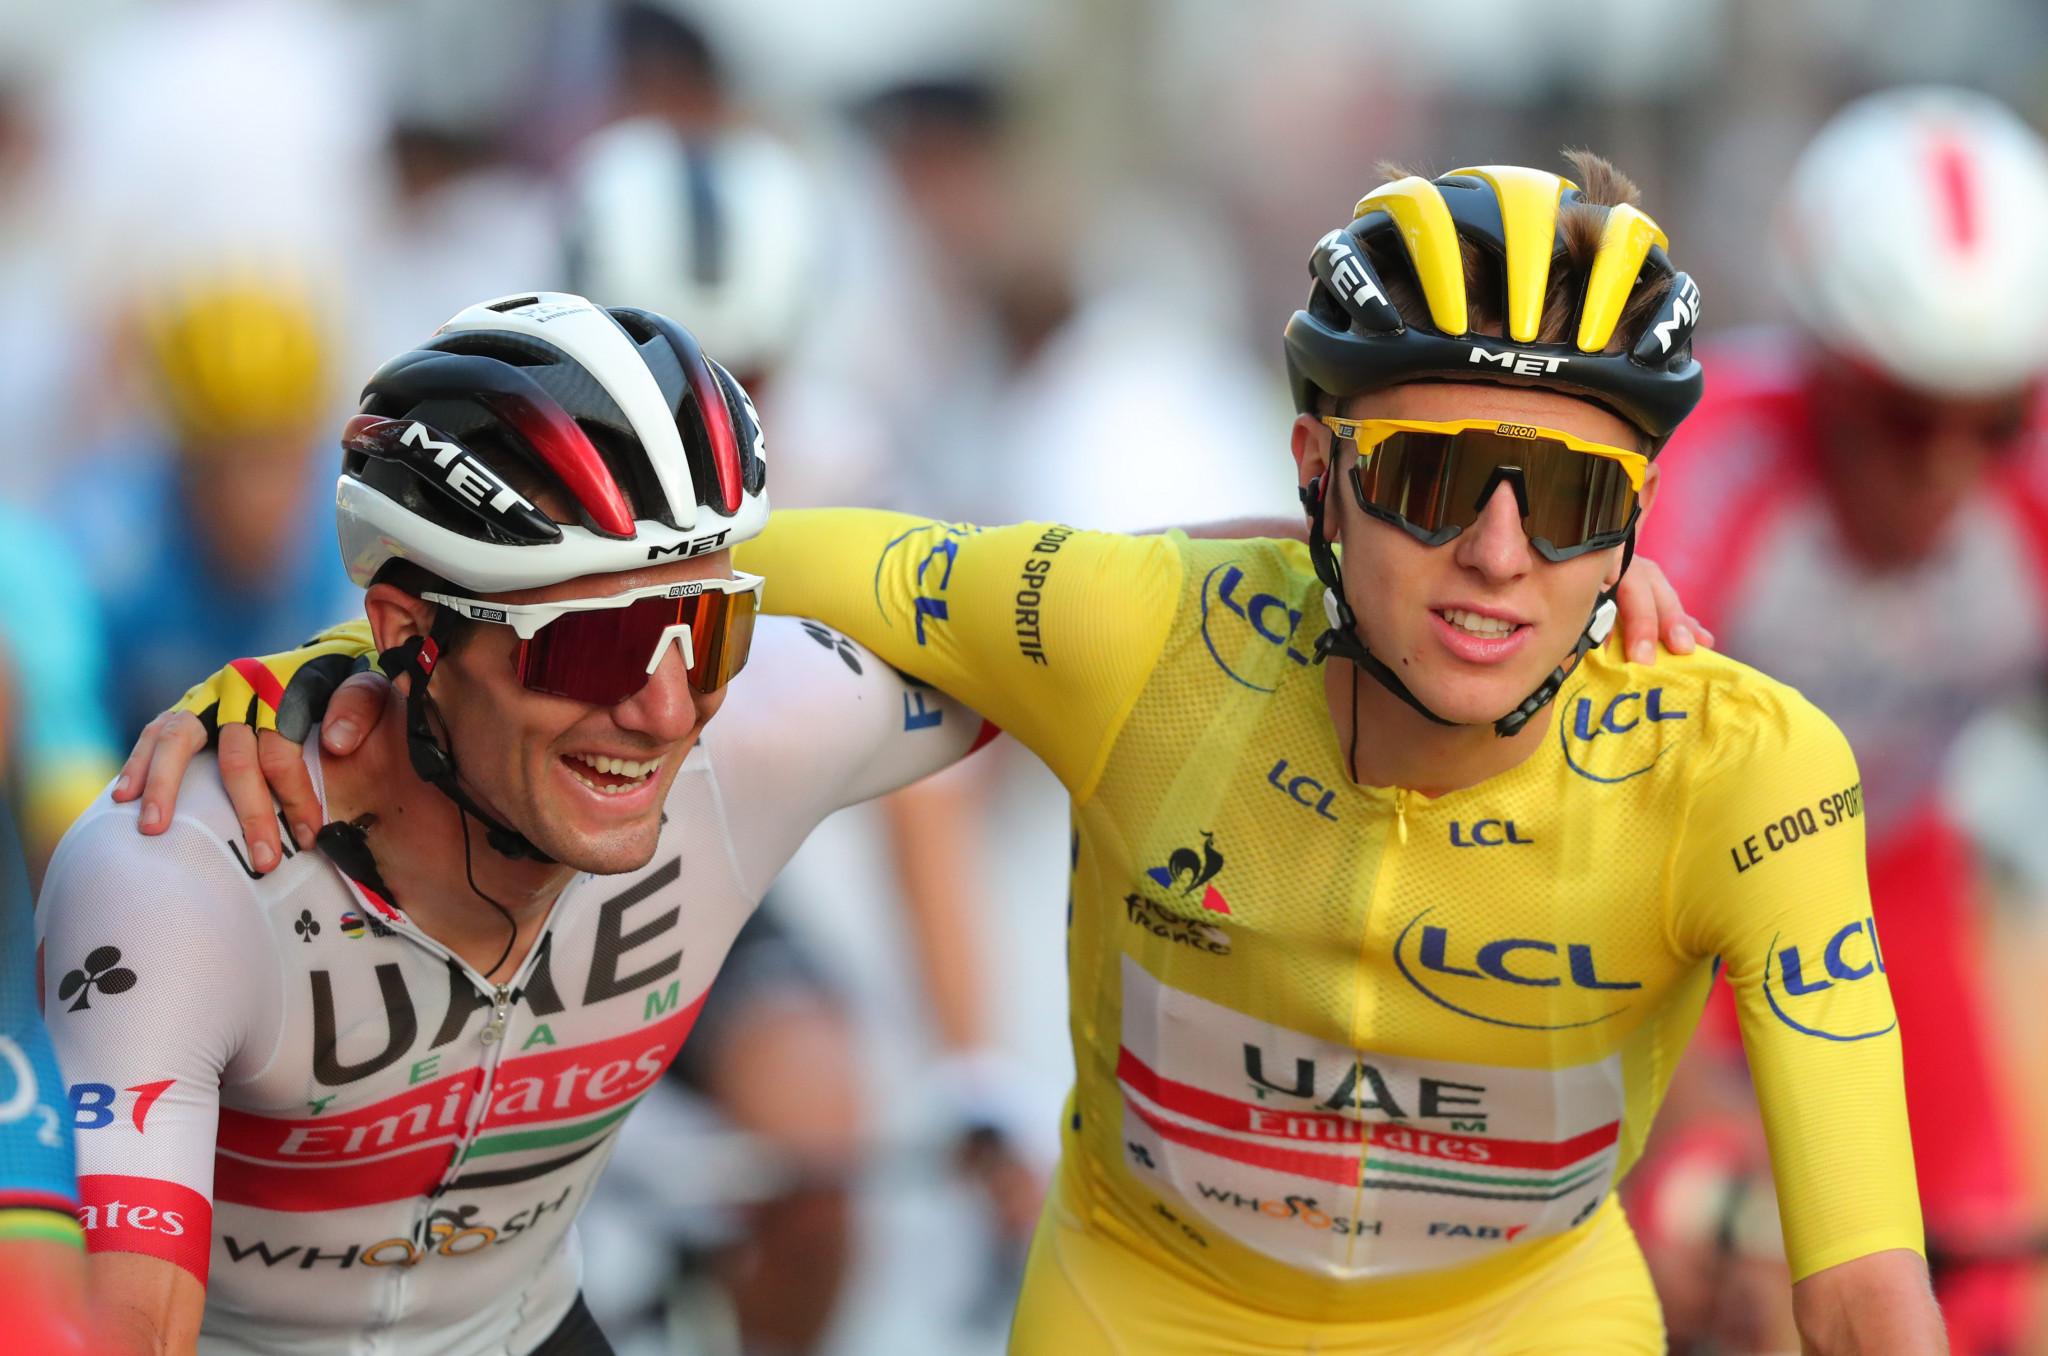 Le Coq Sportif is a long-term partner of the Tour de France ©Getty Images